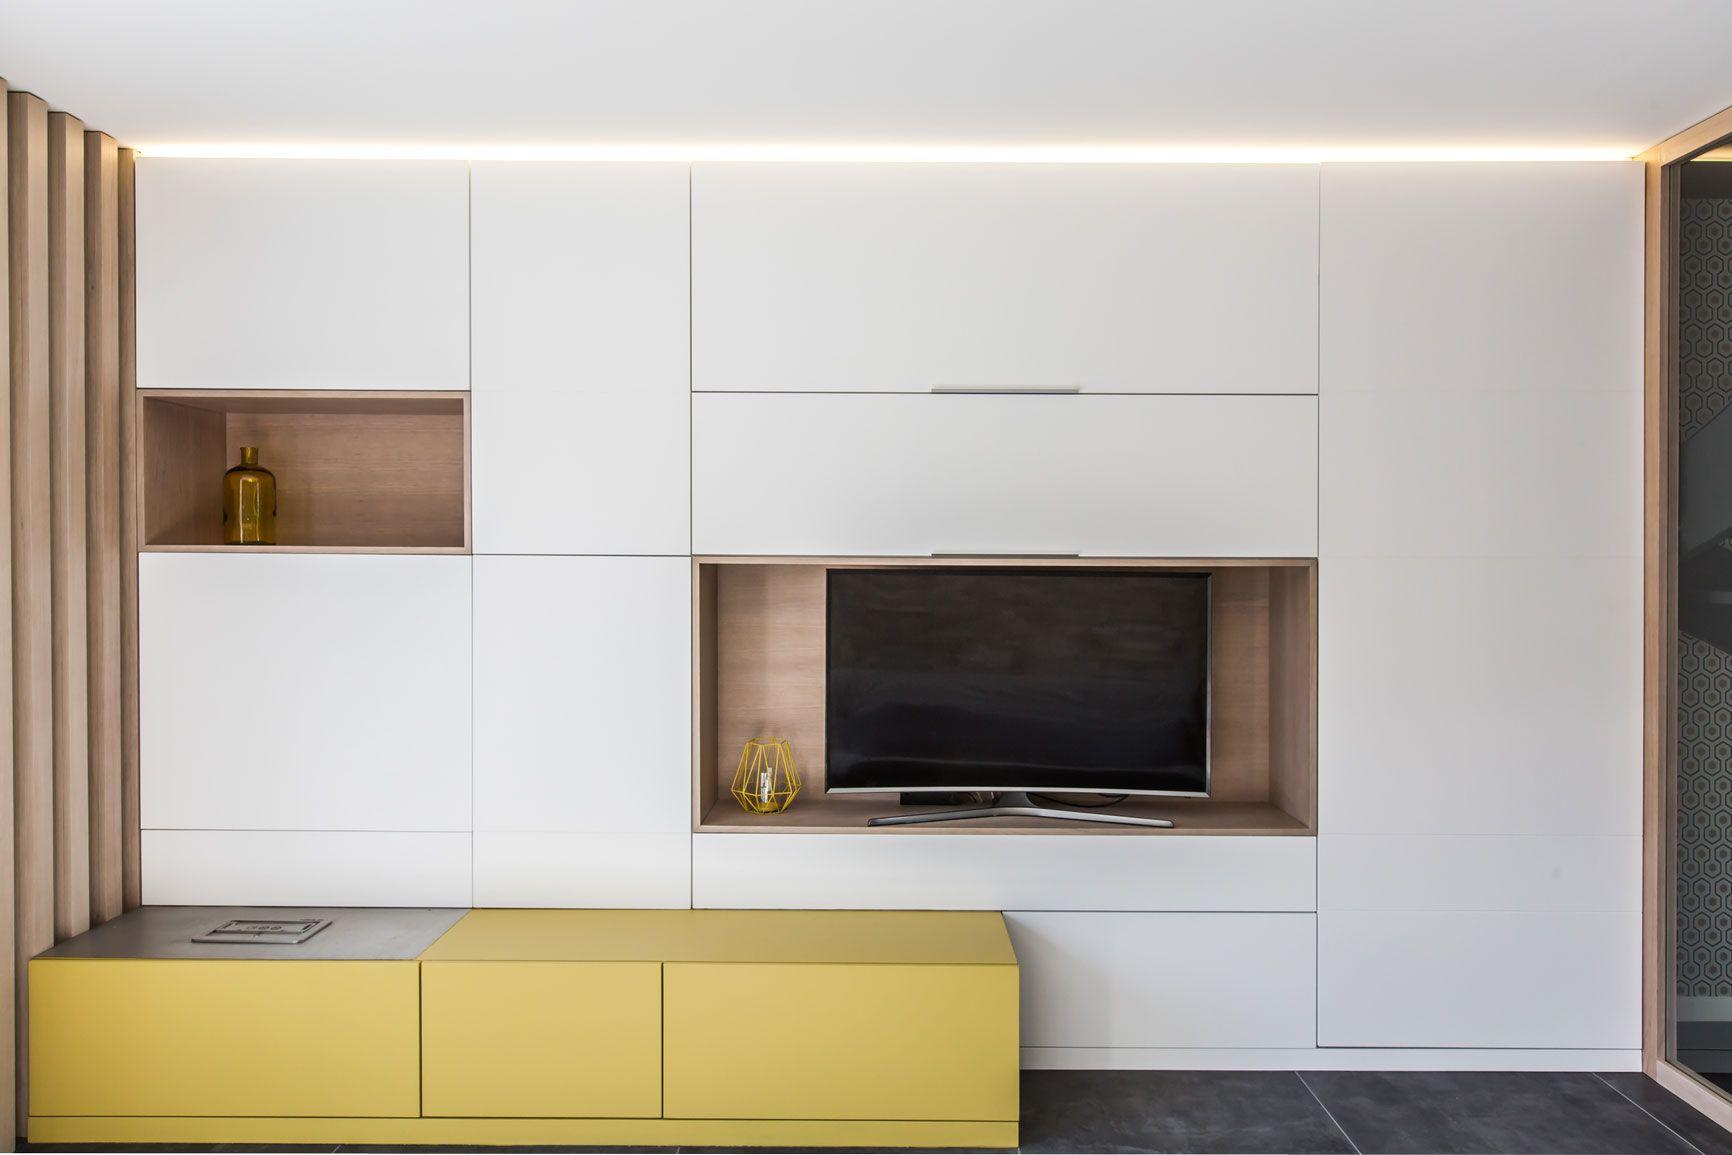 Architecture Interieure Renovation Particulier Residentiel Appartement Sur Me Idee Deco Meuble Tv Architecture Interieure Meuble Rangement Salon